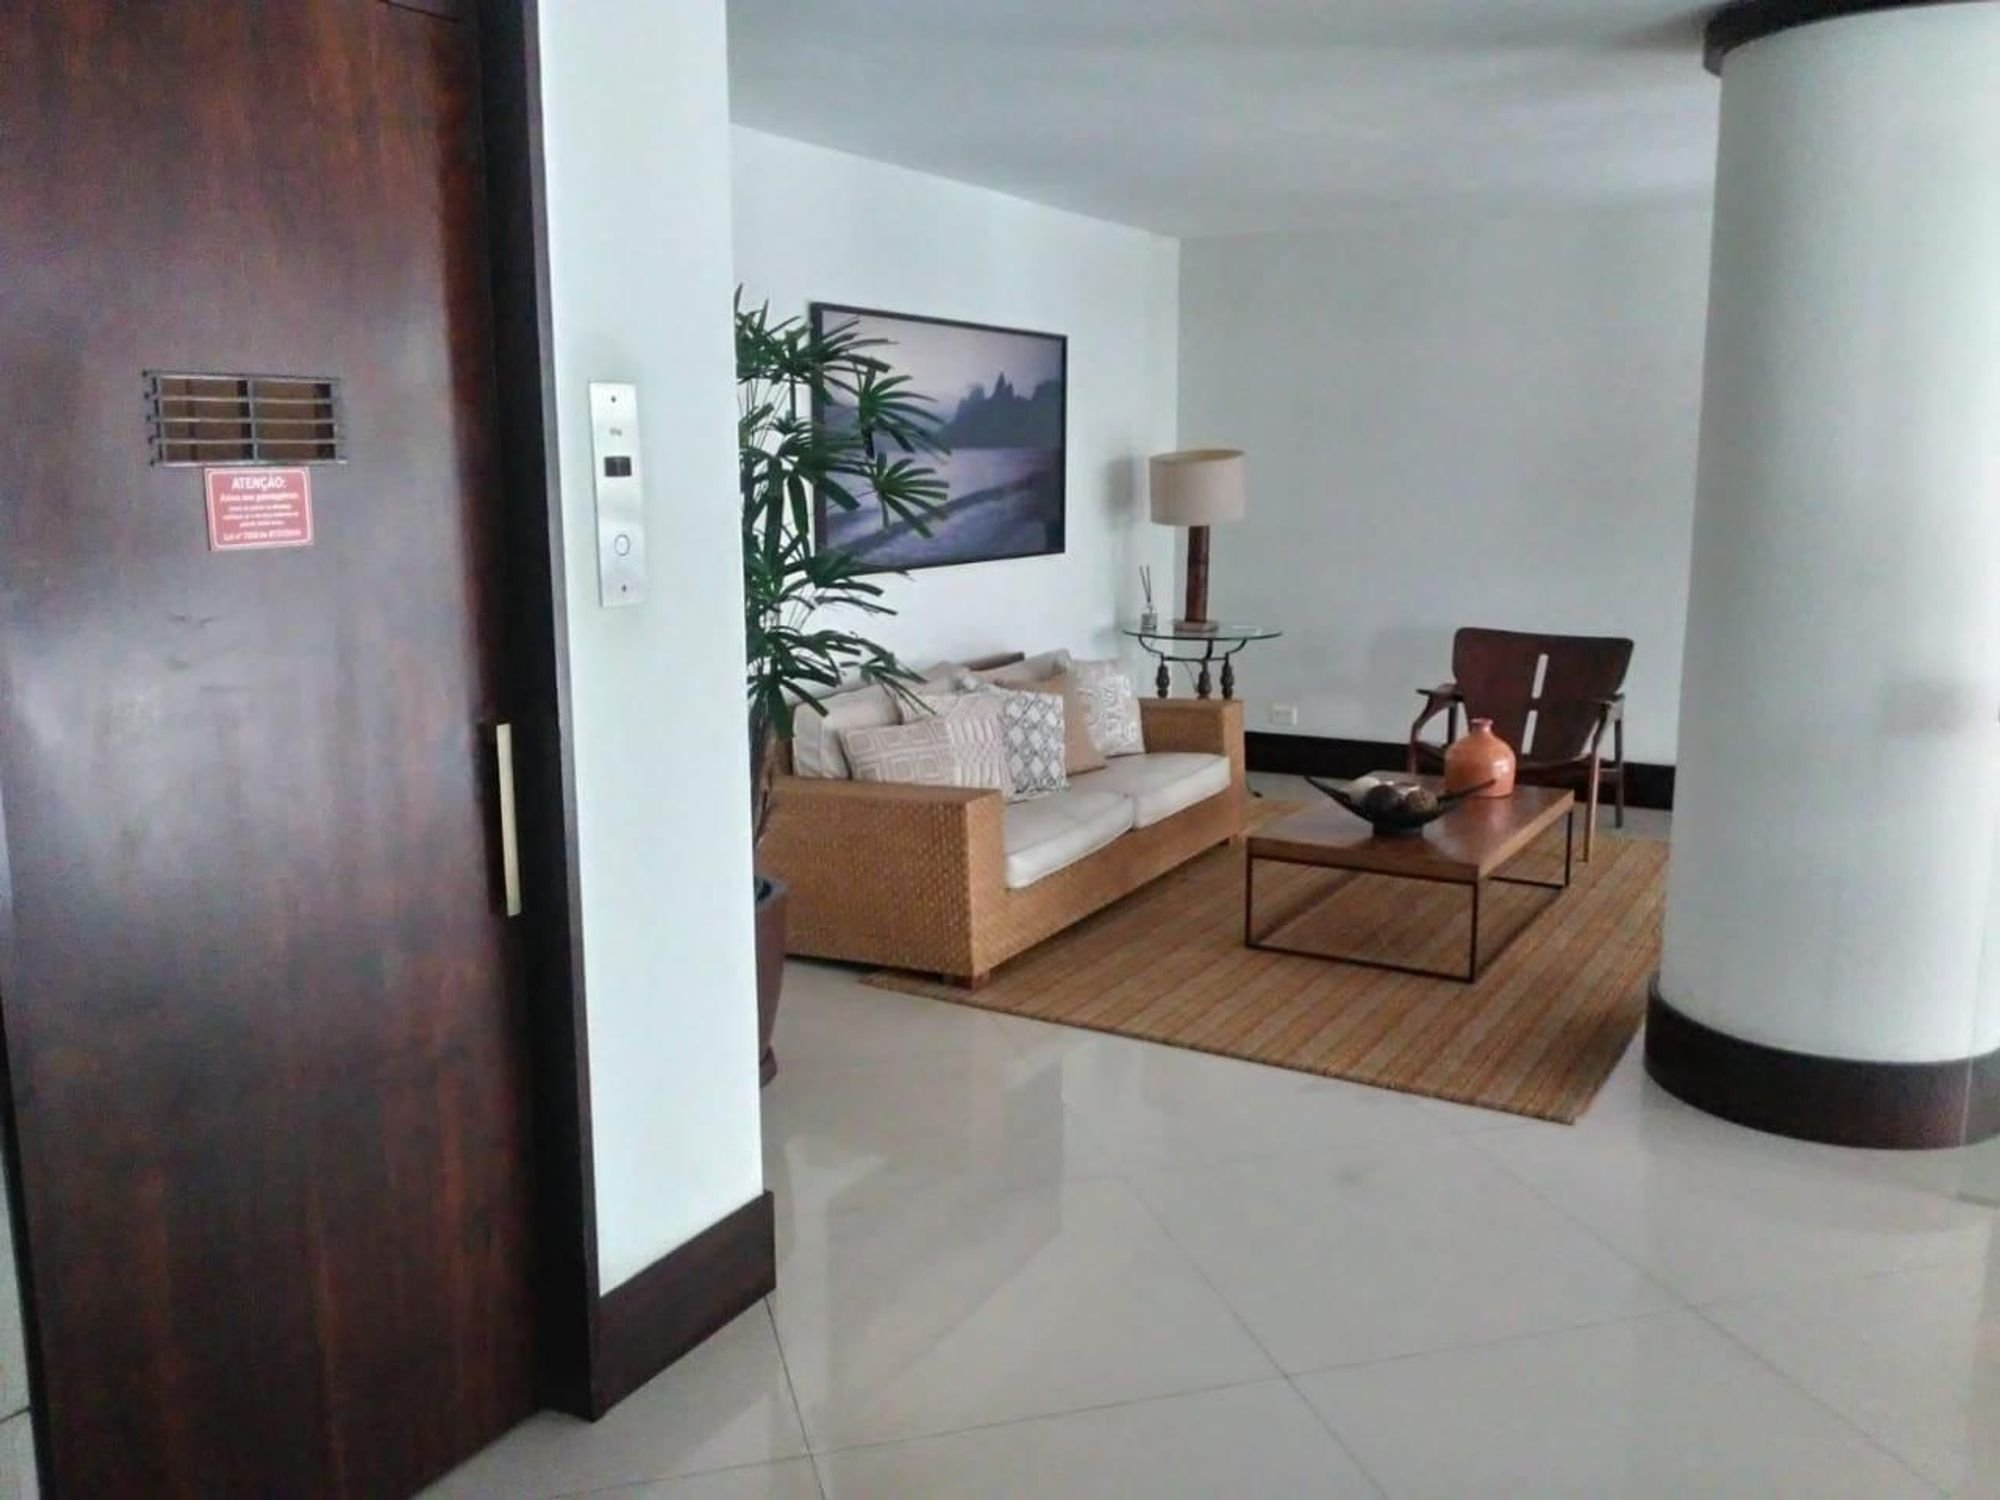 Foto de Hall com vaso de planta, sofá, geladeira, cadeira